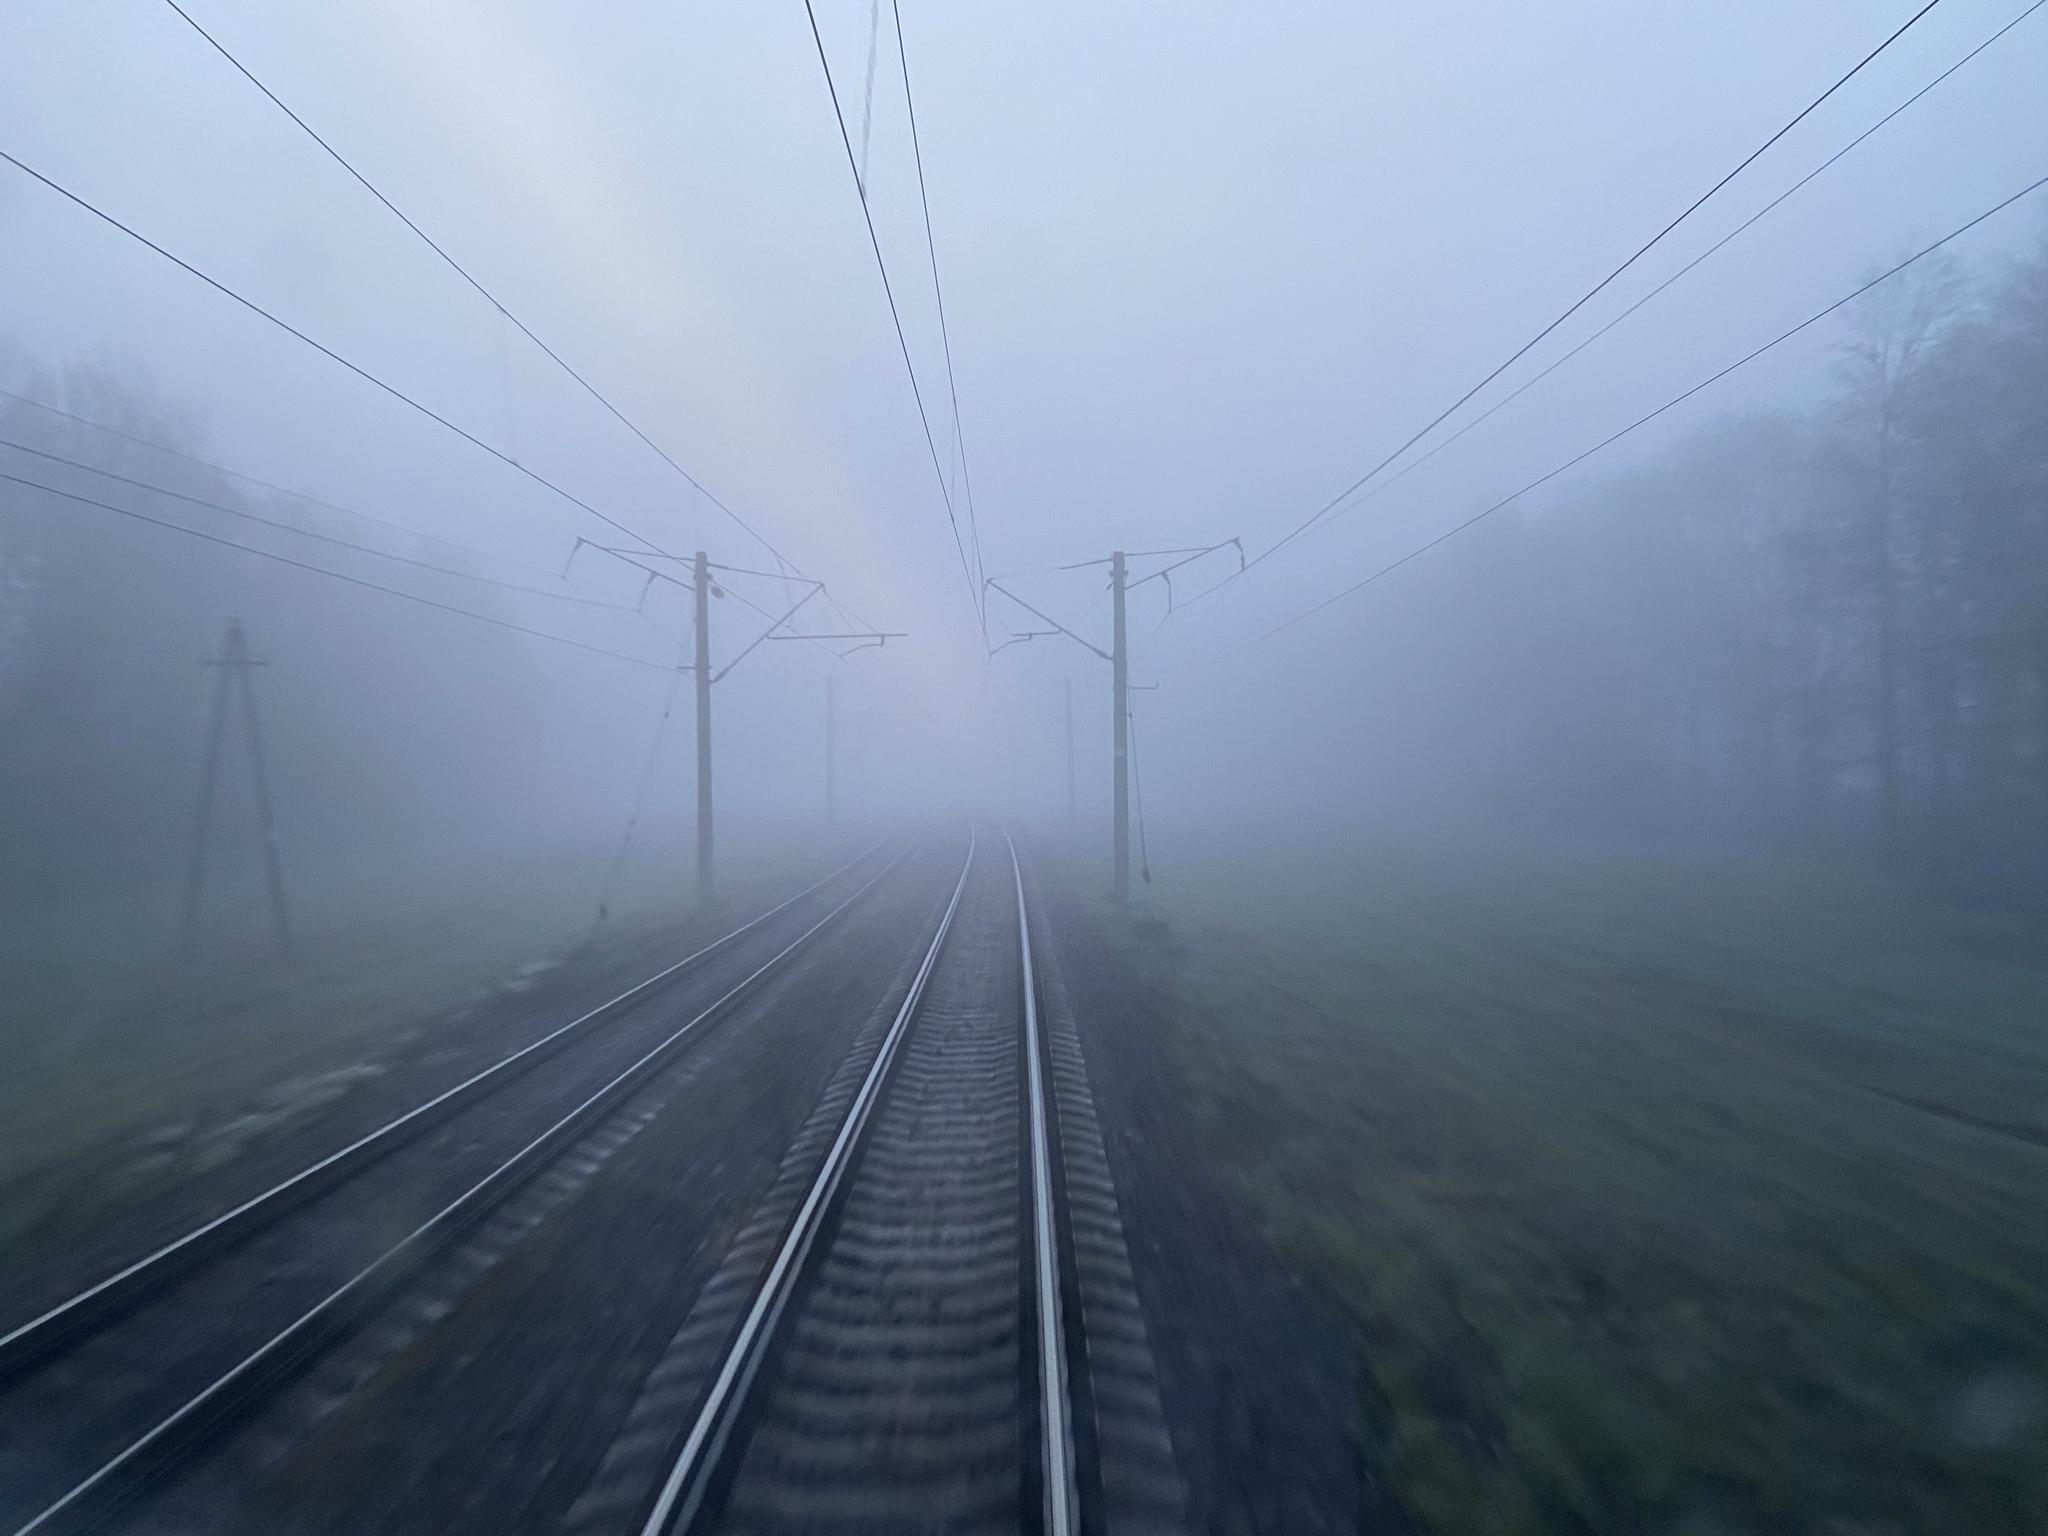 Обои Железная дорога, Рельсы, вид сверху. Разное foto 17